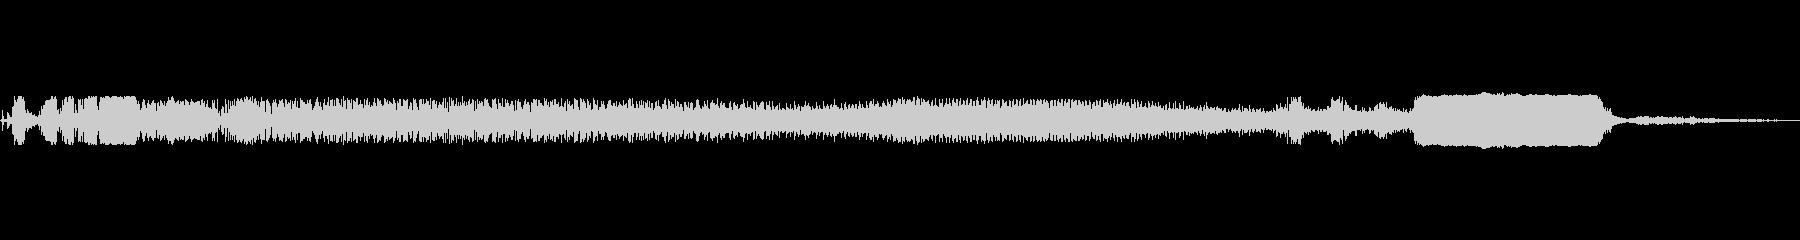 DRAGSTER:スタート、アイド...の未再生の波形